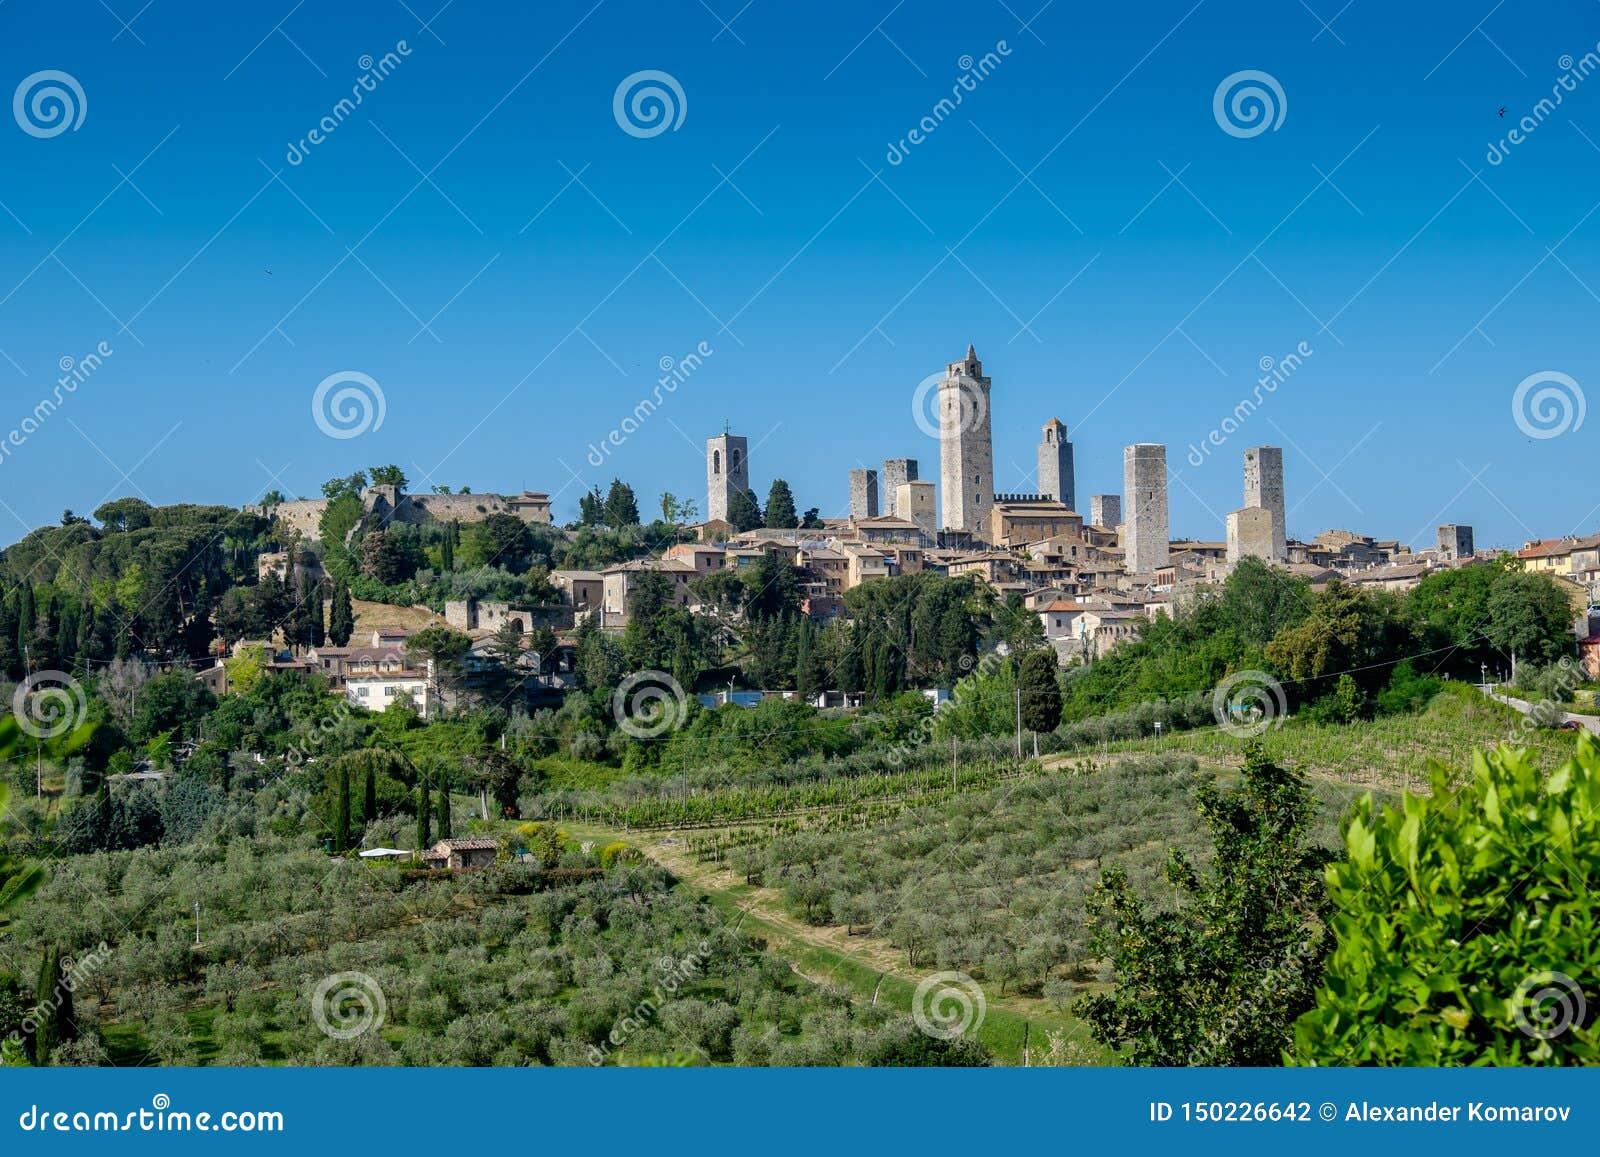 View to San-Gimignano, Tuscany, Italy